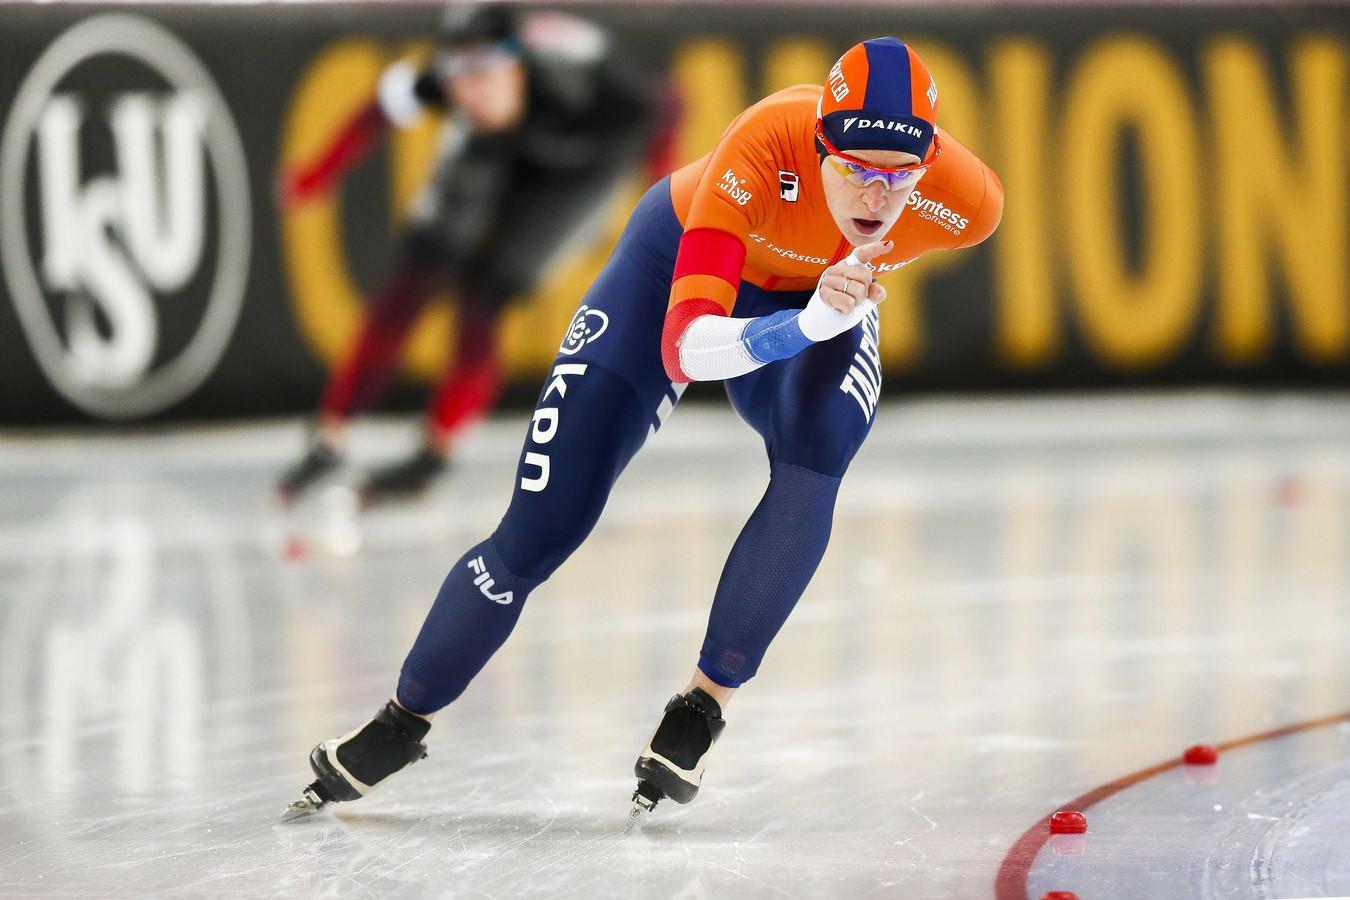 Wüst op de 5000 meter in actie tegen Blondin.